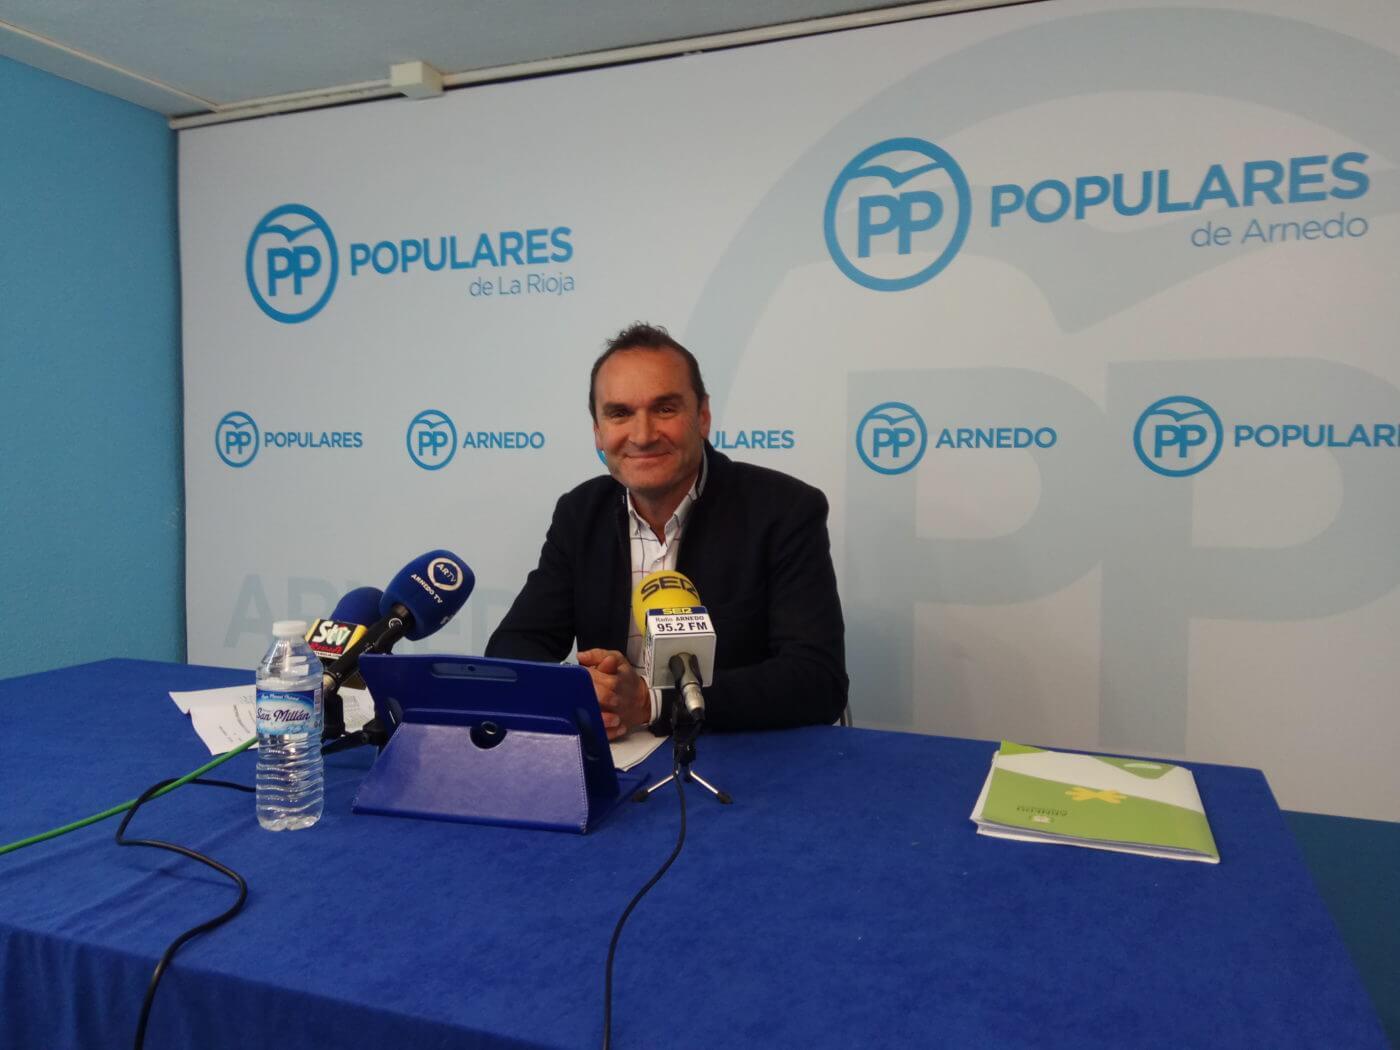 """Eguizábal (PP) insta al alcalde a """"conseguir, de una vez por todas, traer algo importante a la ciudad"""""""